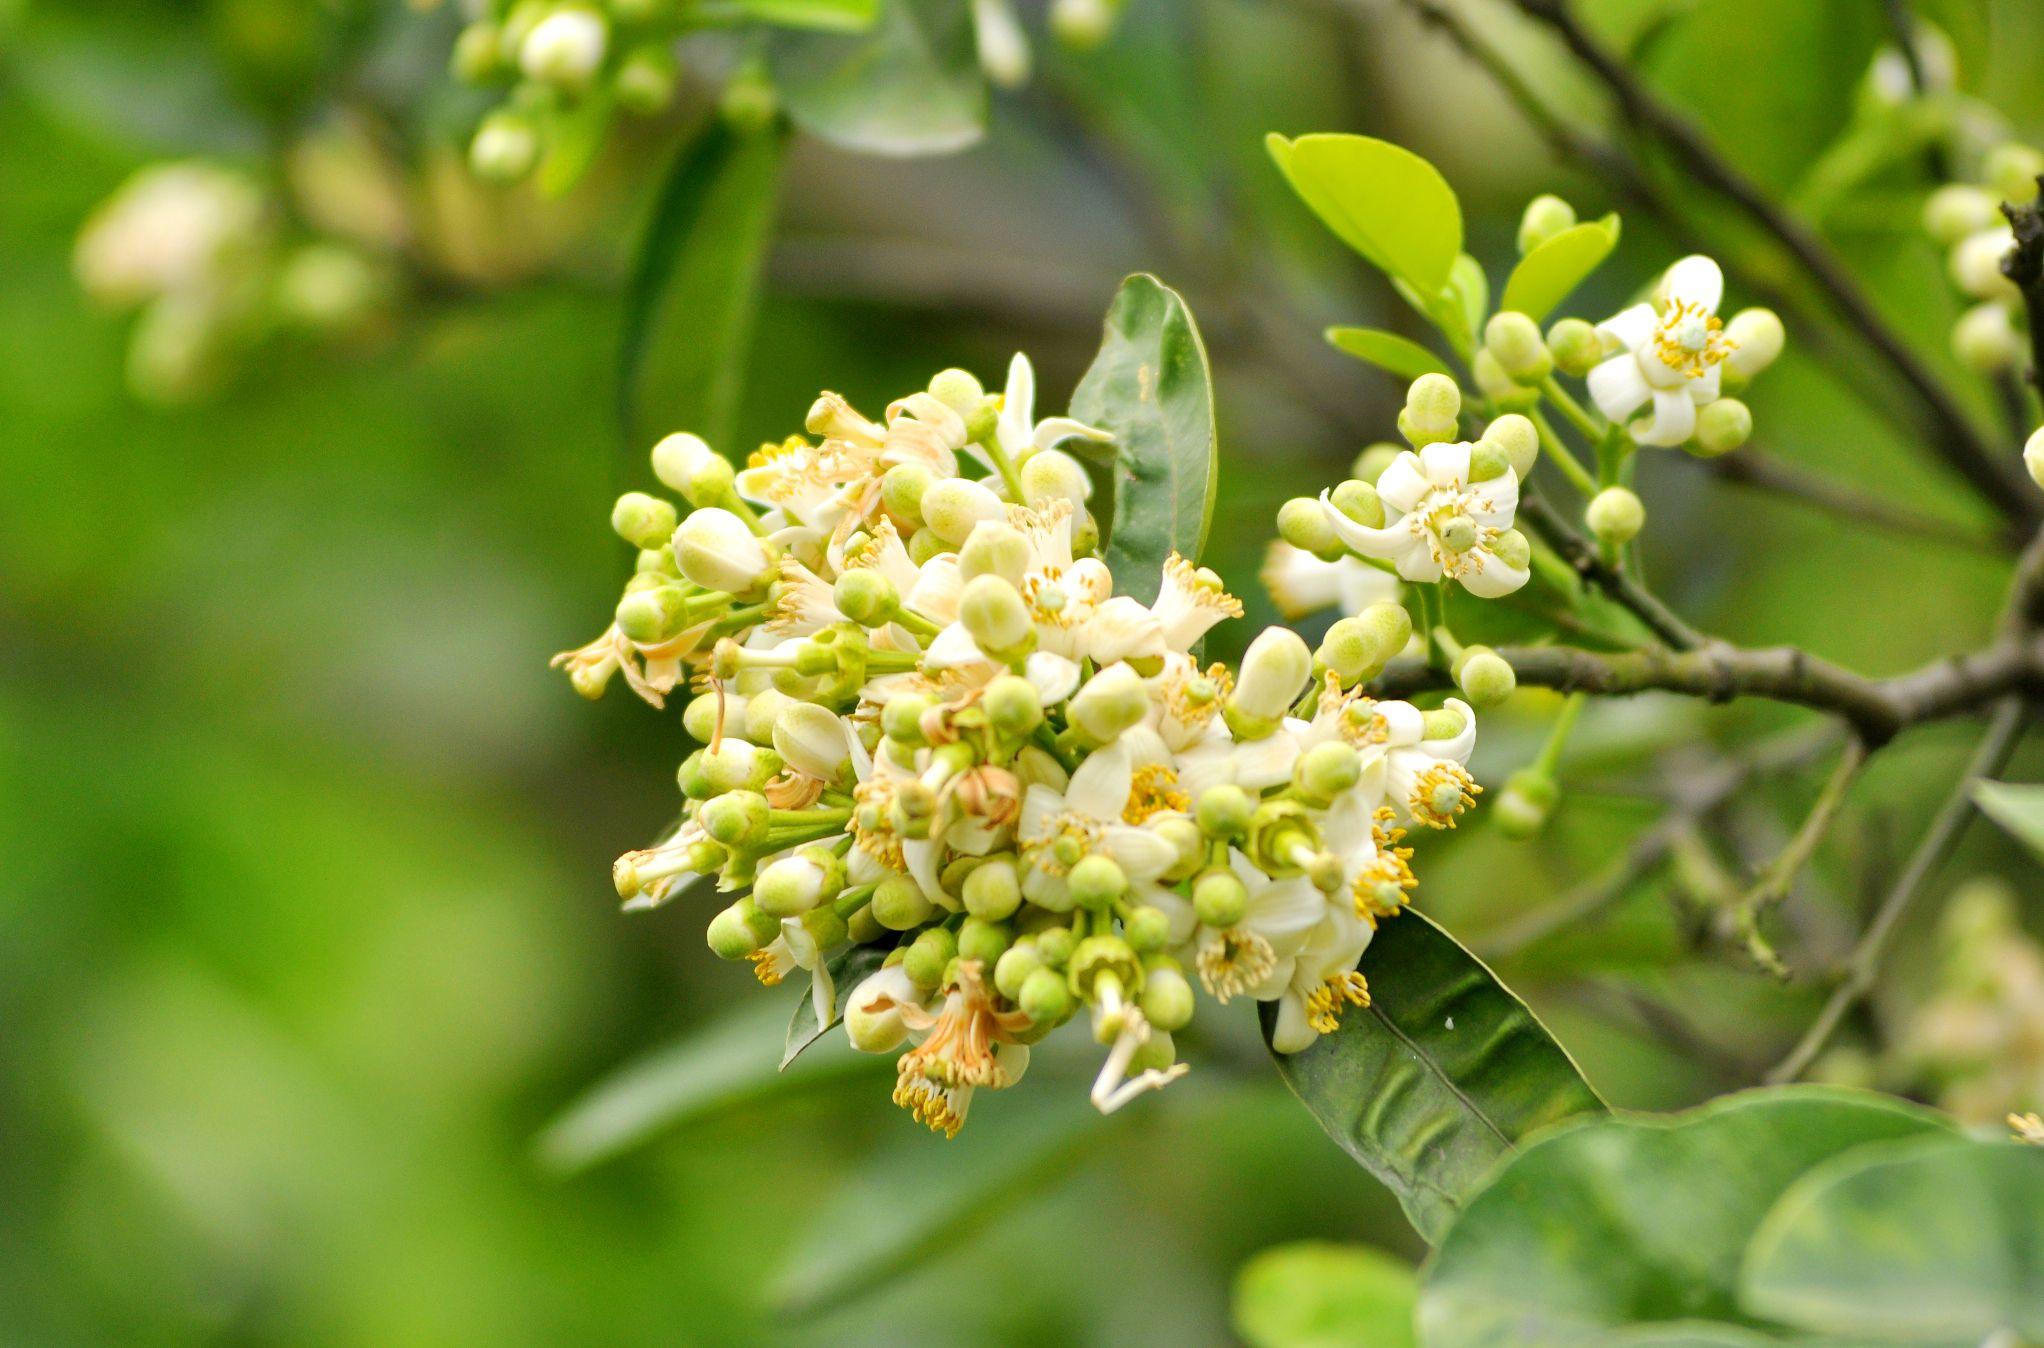 Hoa bưởi là loài hoa rất gần gũi với người dân Việt Nam